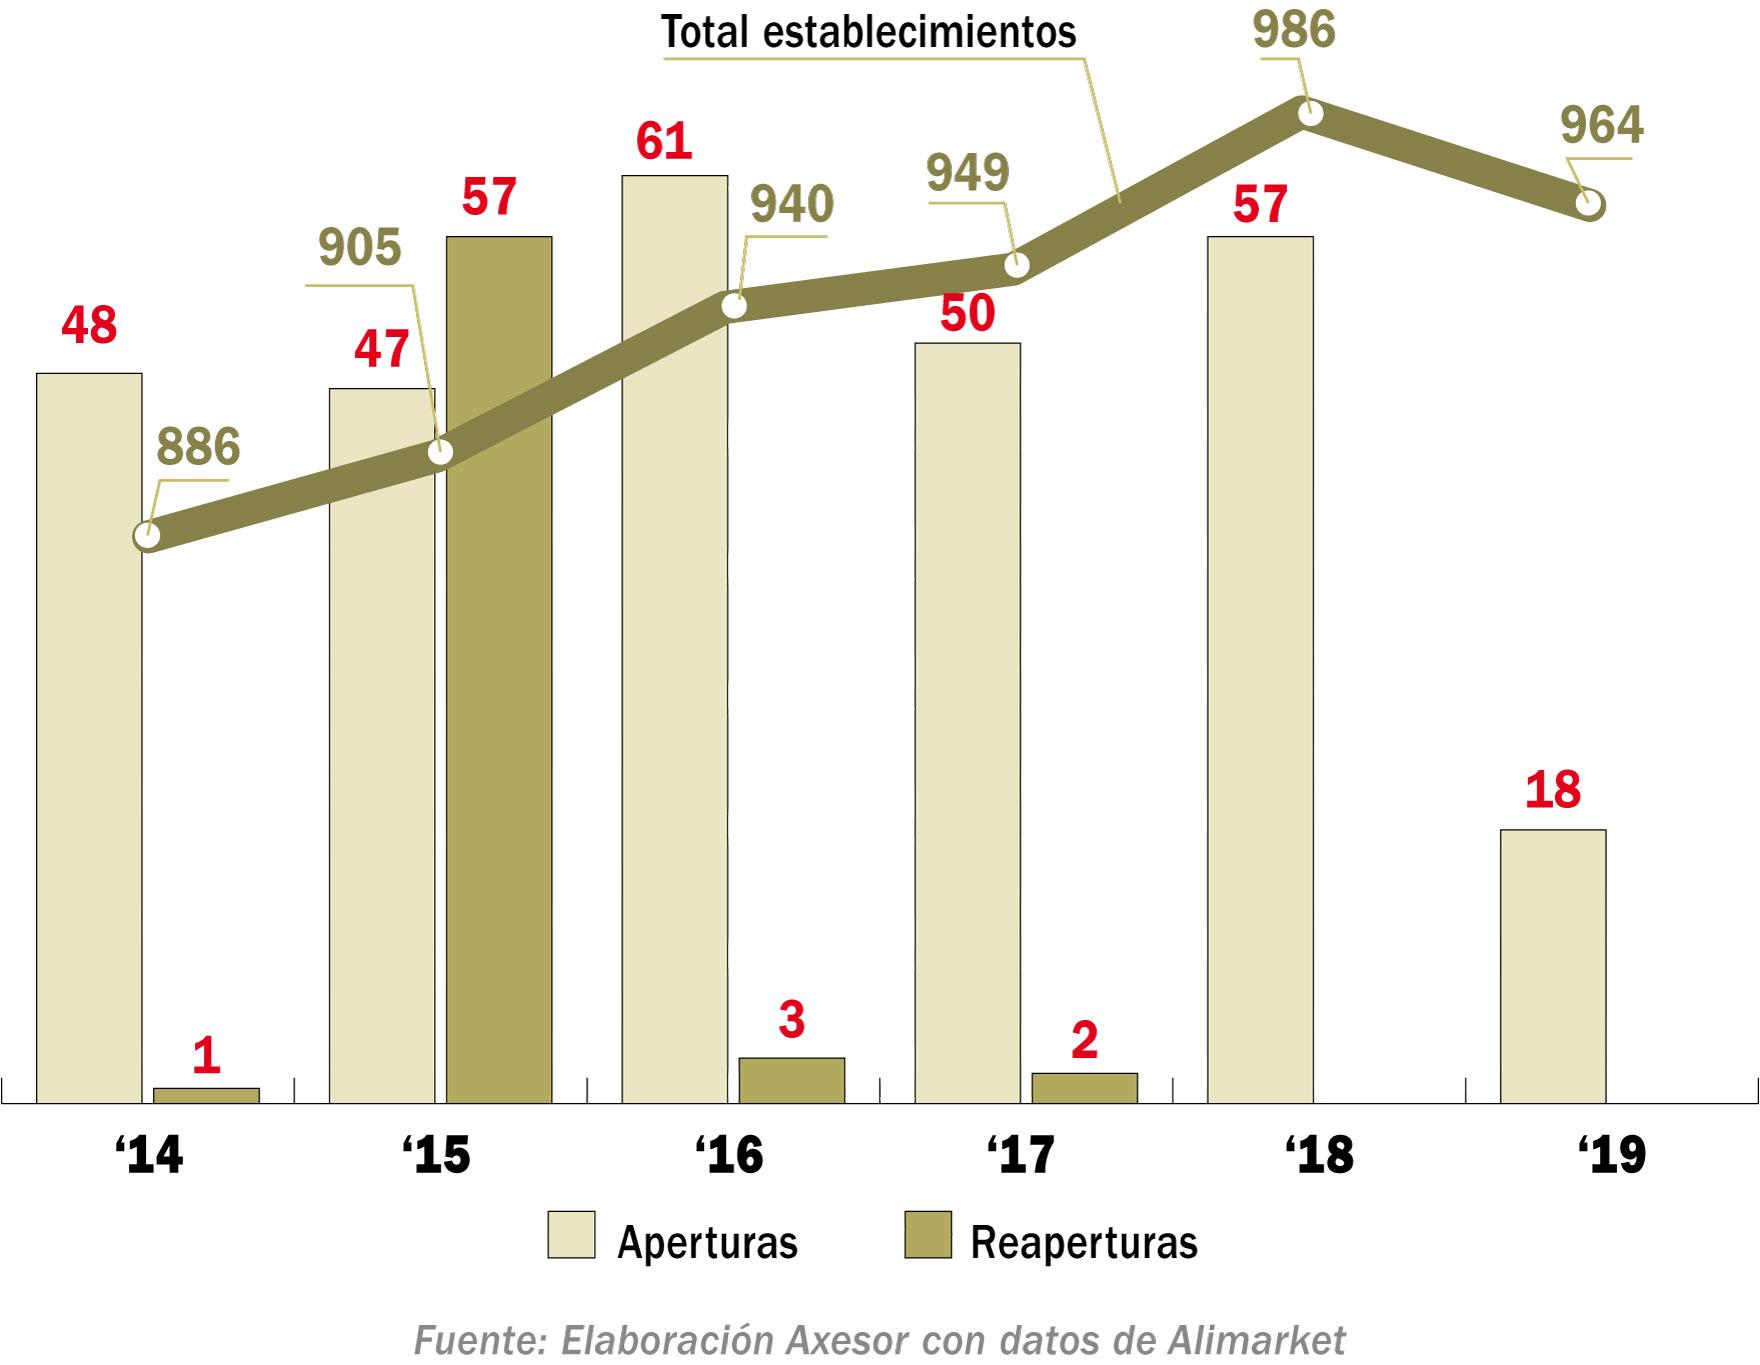 Evolución de las aperturas, reaperturas y establecimientos (2014 - Agosto 2019)